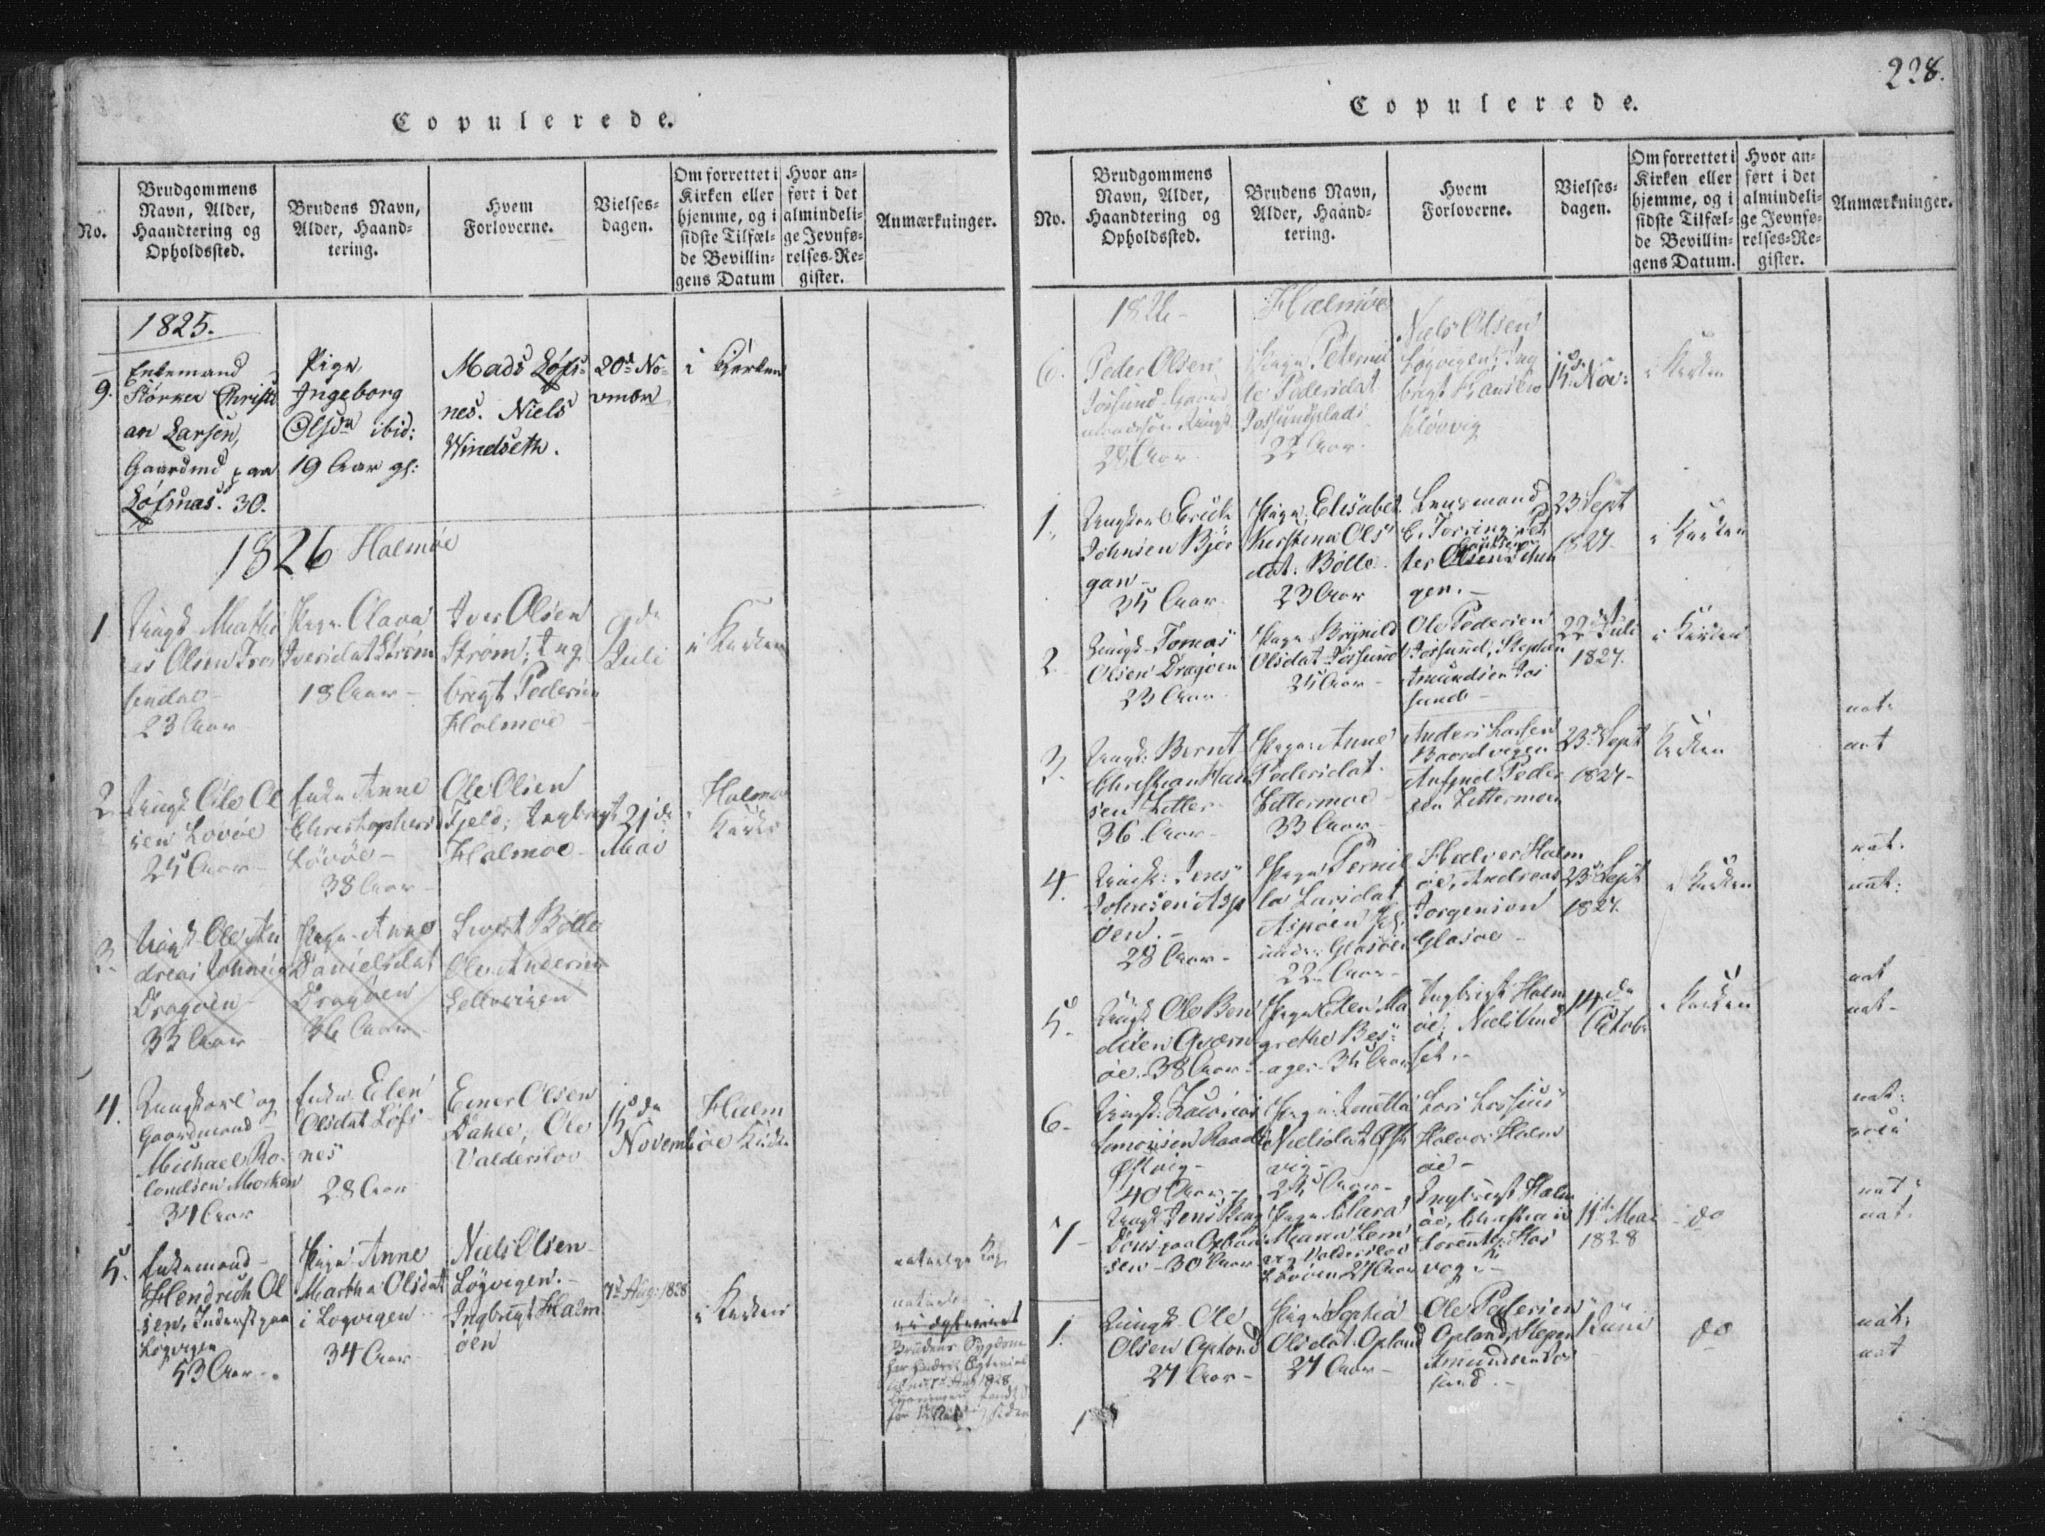 SAT, Ministerialprotokoller, klokkerbøker og fødselsregistre - Nord-Trøndelag, 773/L0609: Ministerialbok nr. 773A03 /3, 1815-1830, s. 228